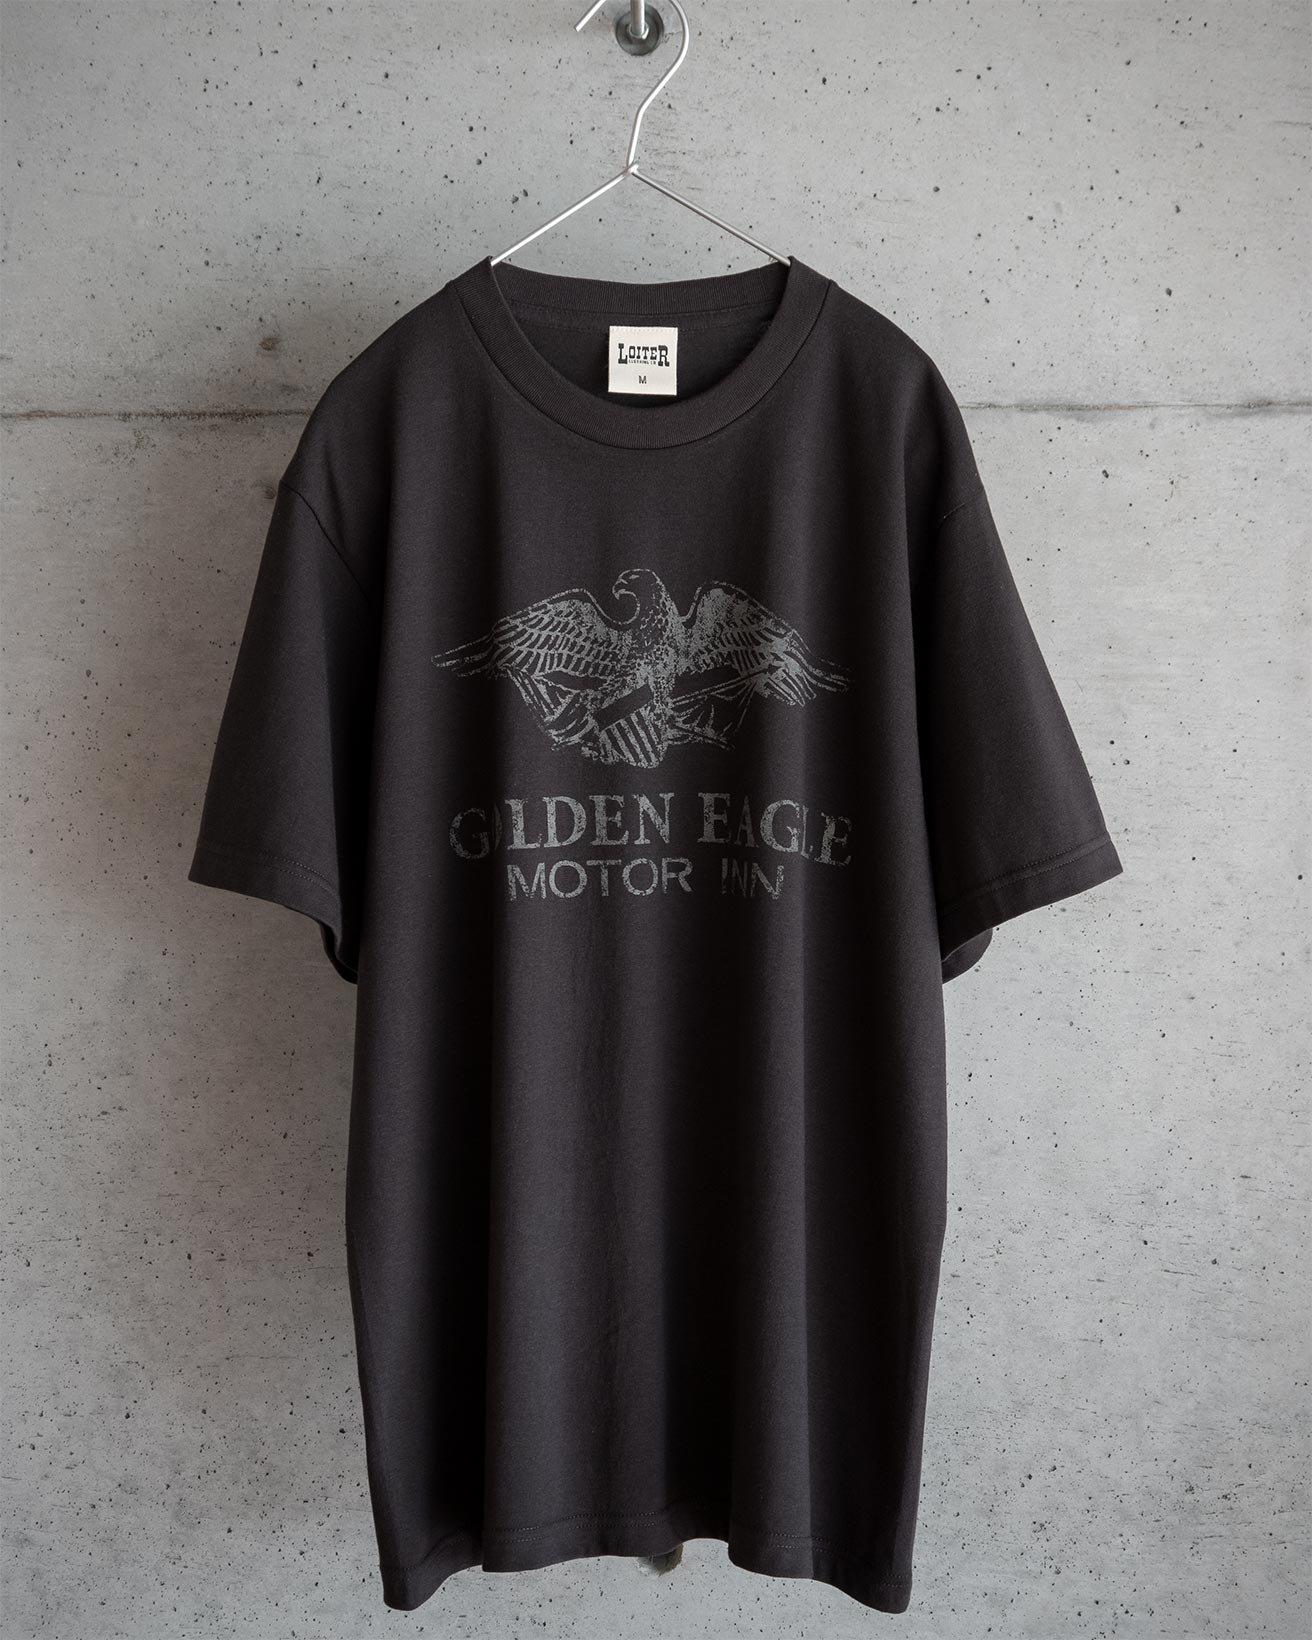 GOLDEN EAGLE INN Tシャツ